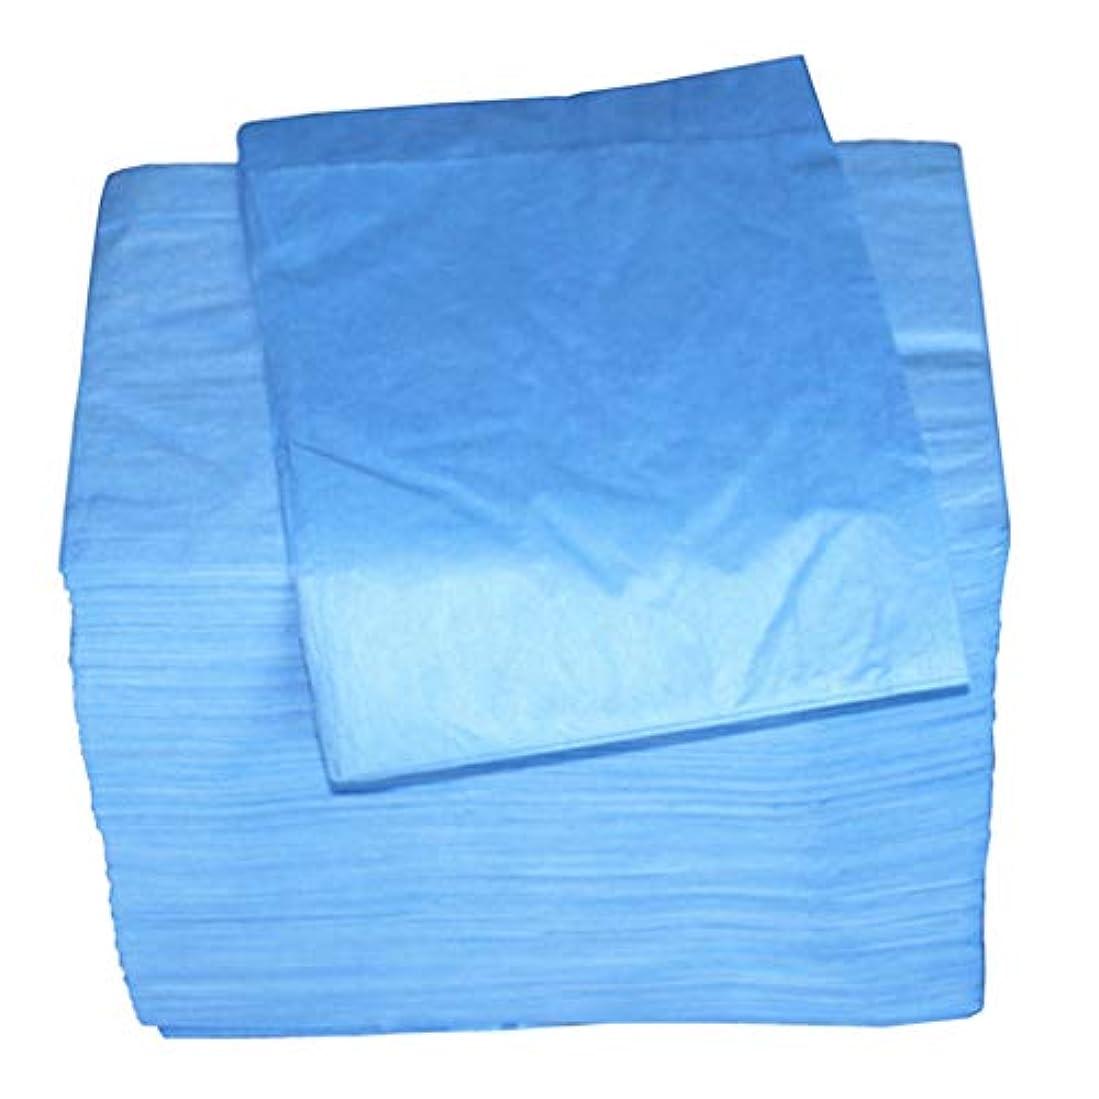 水を飲む科学酸化するマッサージ テーブルシーツ 使い捨て 安全衛生 約100個セット 全2色 - 青